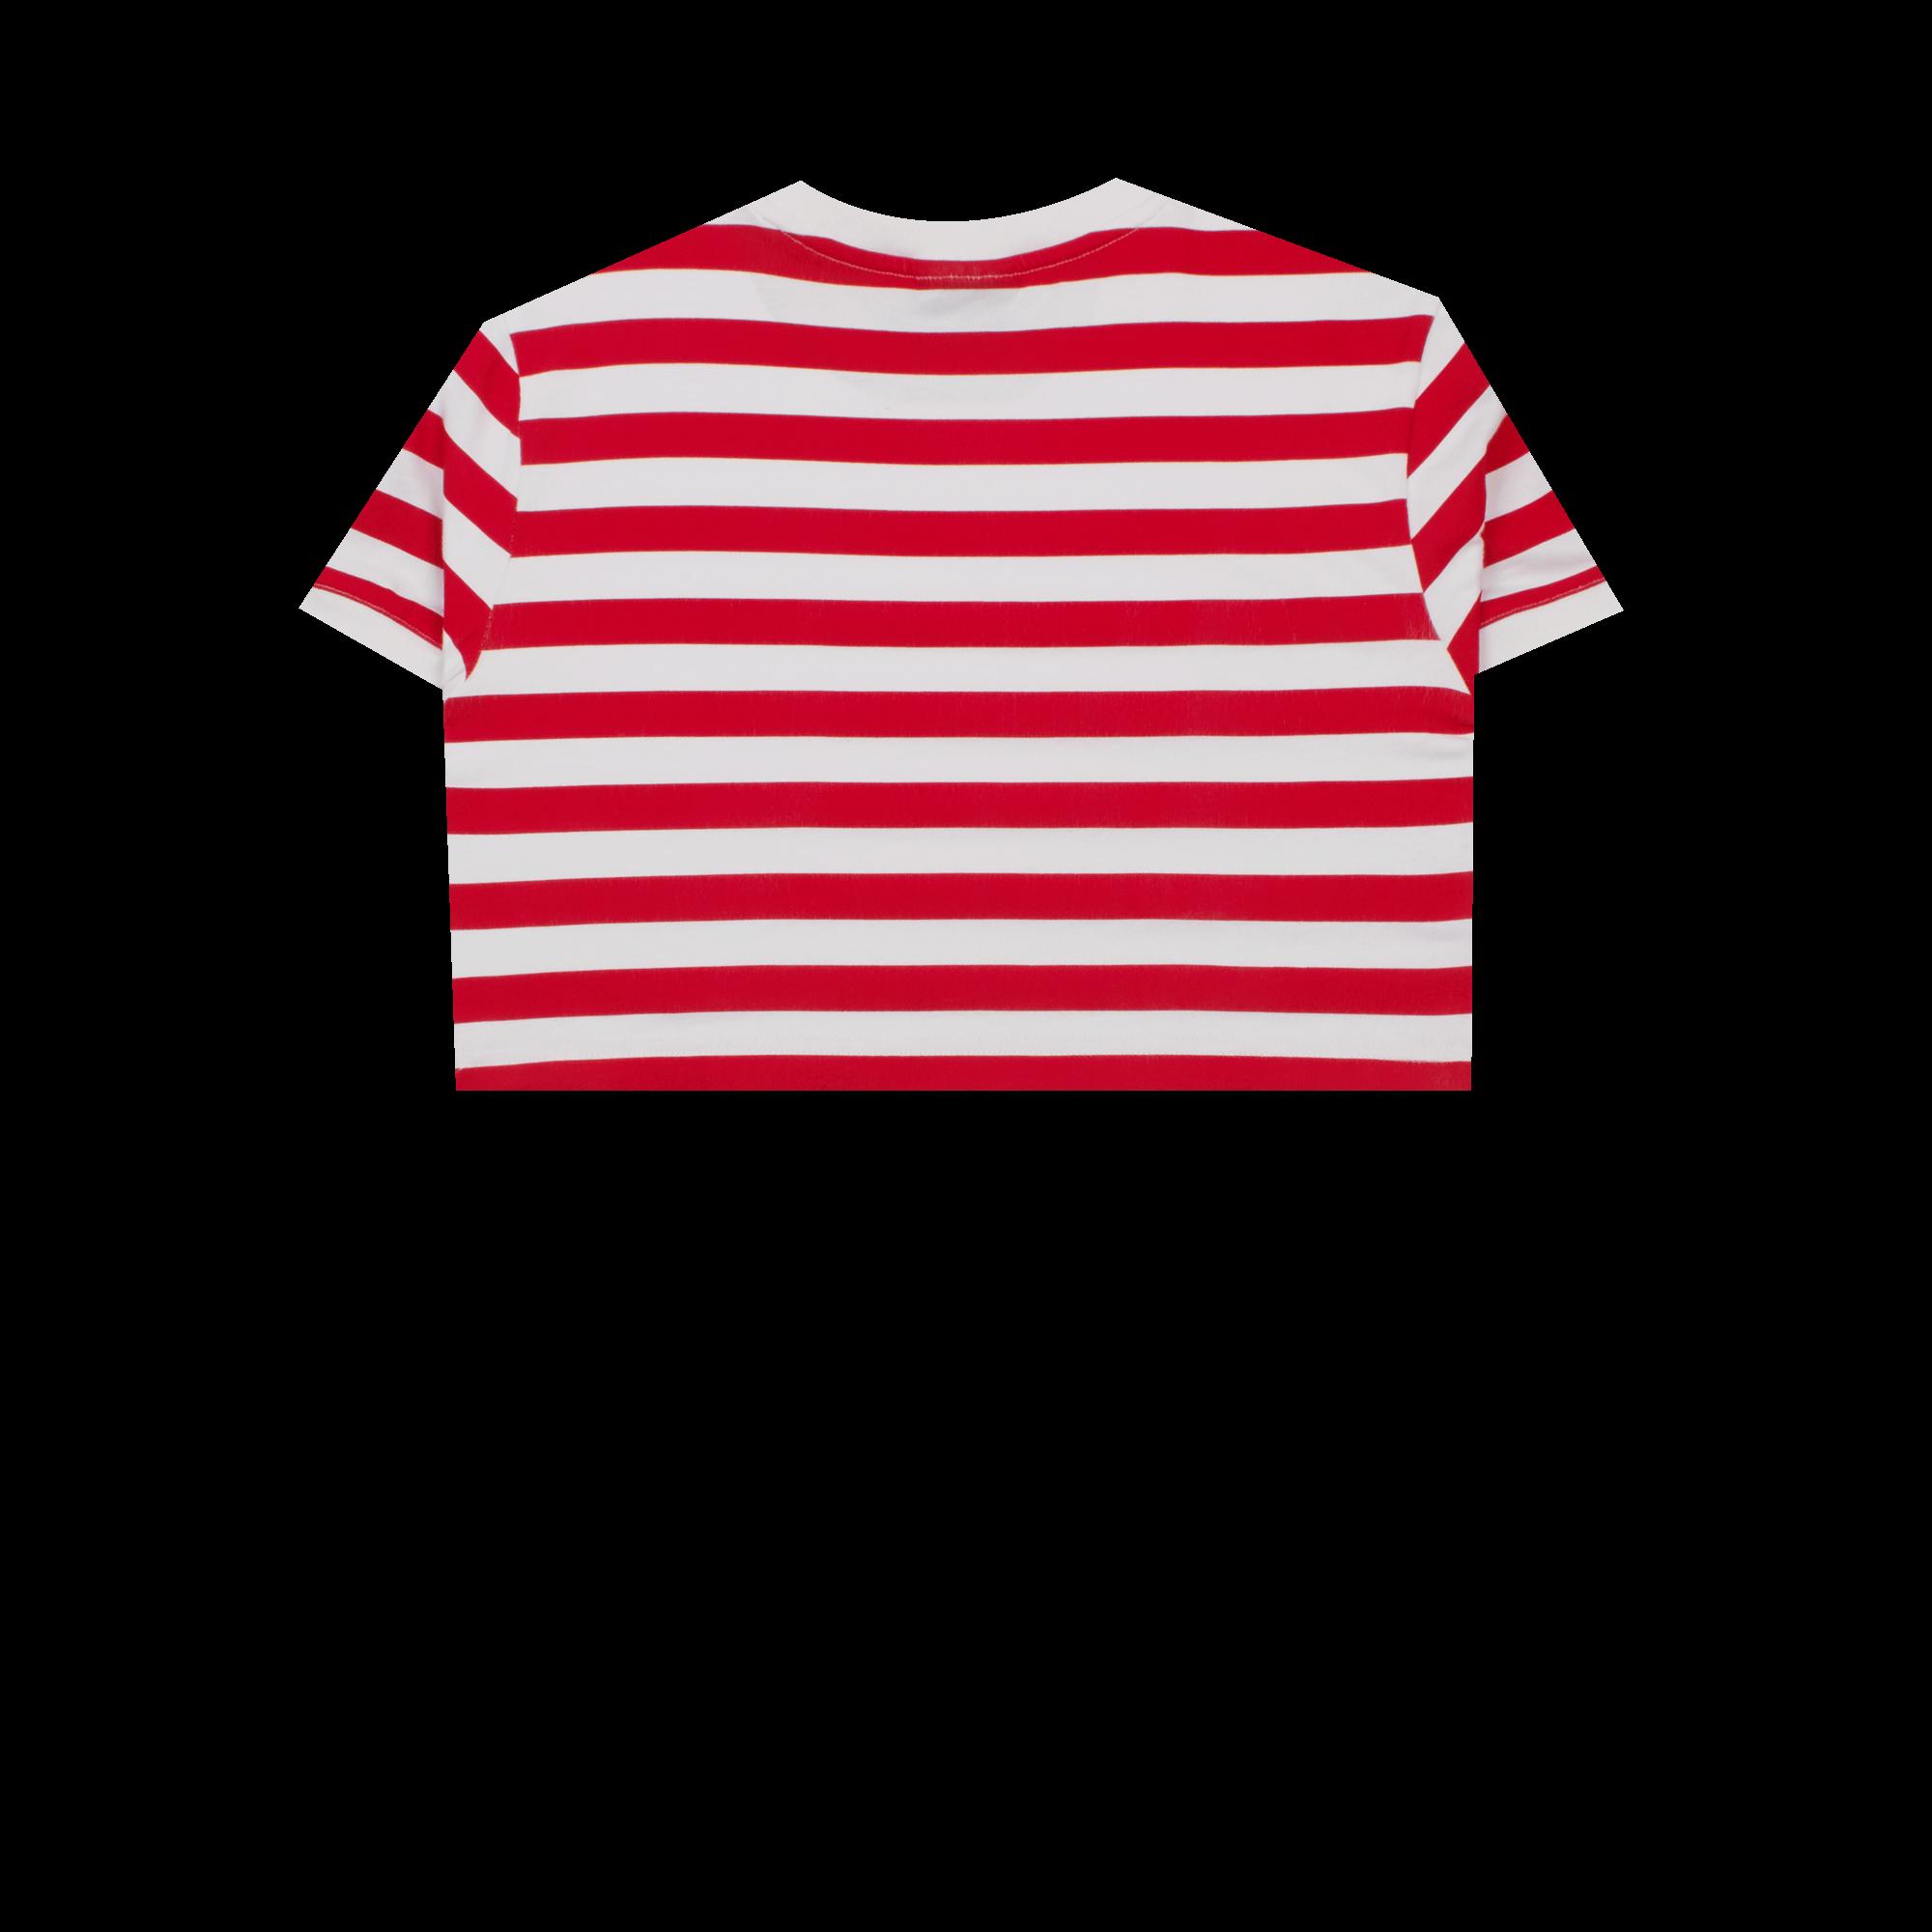 Fiorucci Crop Tee white / red